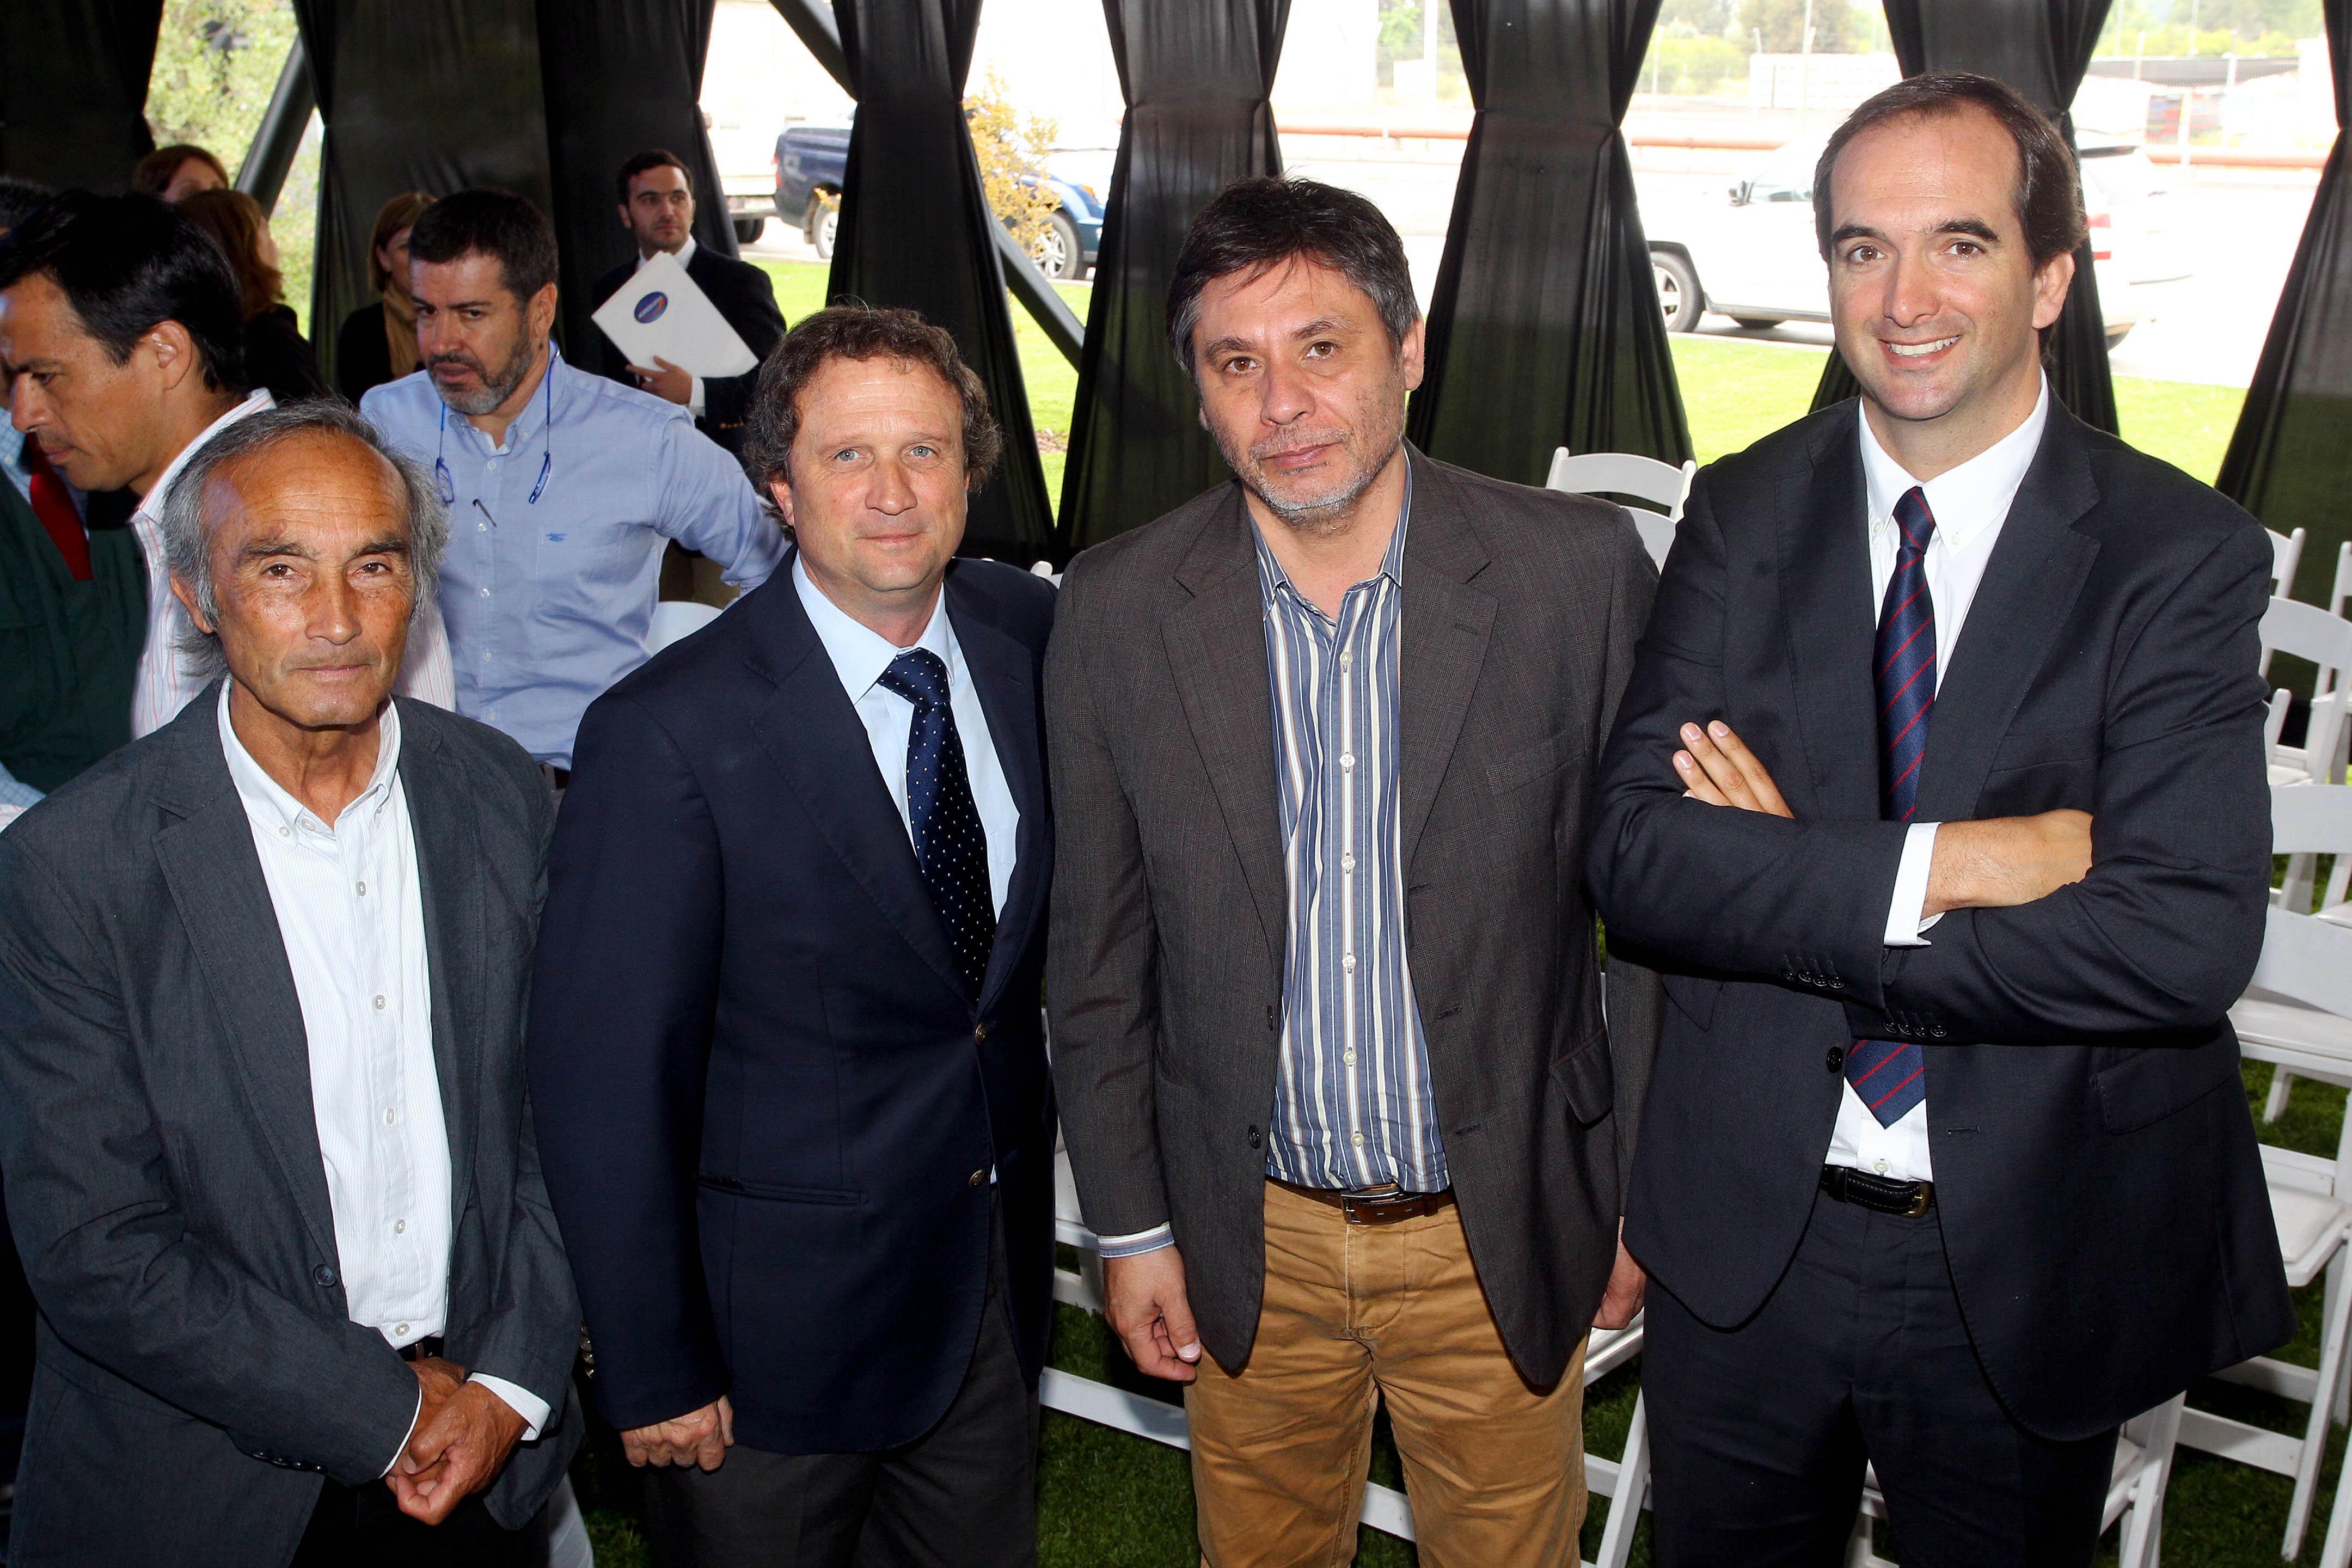 De izquierda a derecha: Luis Palacios, Concejal de Doñihue; Rafael Prieto, Gerente de Asuntos Corporativos y Sustentabilidad de Agrosuper; Boris Acuña, Alcalde de Doñihue; y Juan Carlos Domínguez, Director Ejecutivo de ASPROCER.